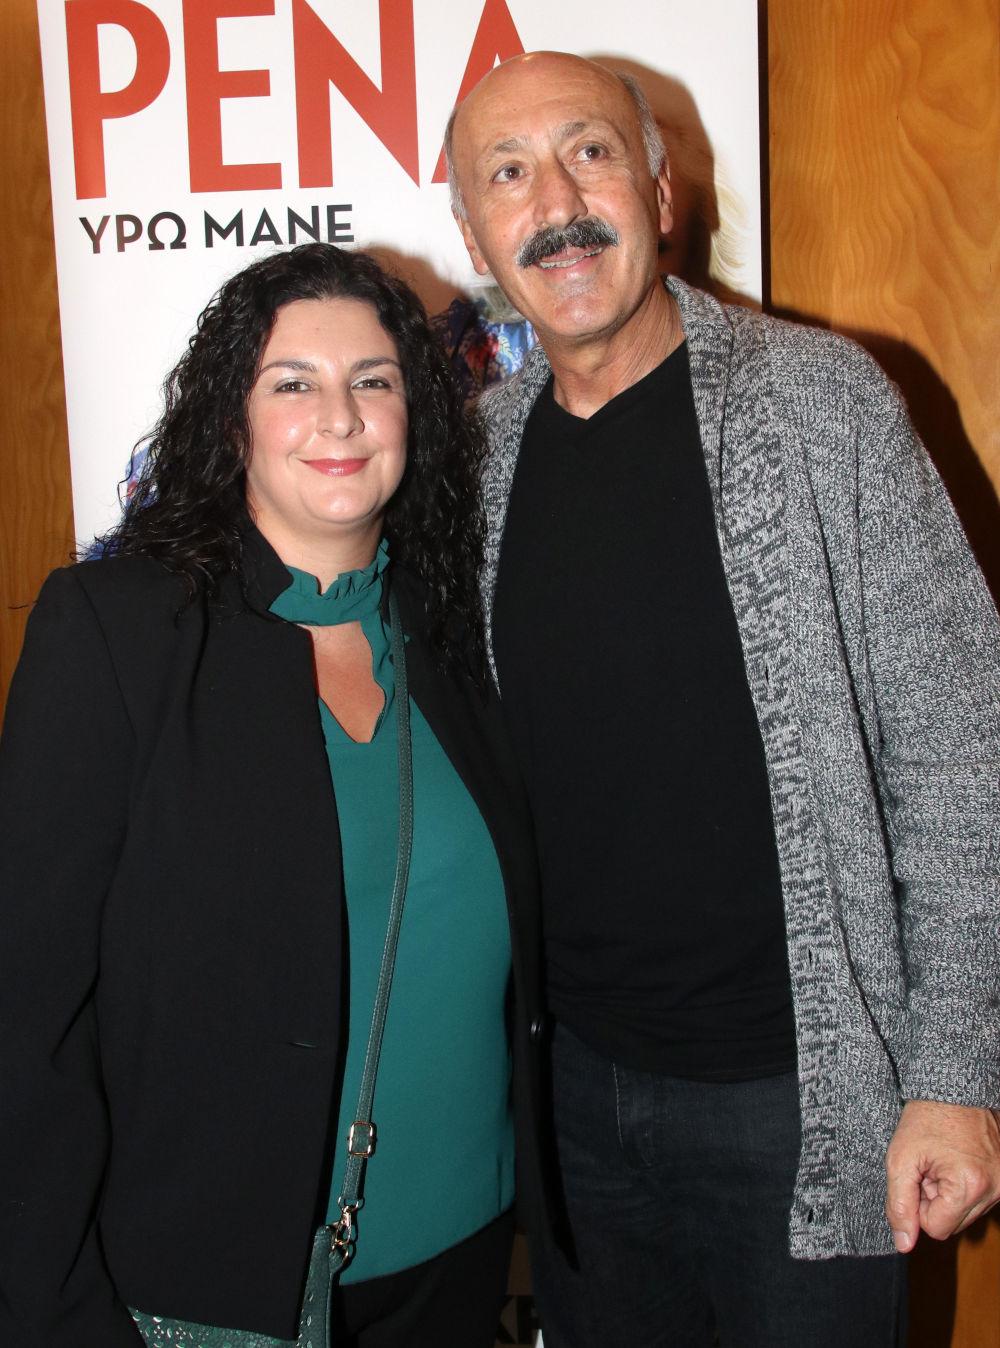 Ο Παύλος Ορκόπουλος με την κόρη του Βάσω στην θεατρική παράσταση «Ρένα»